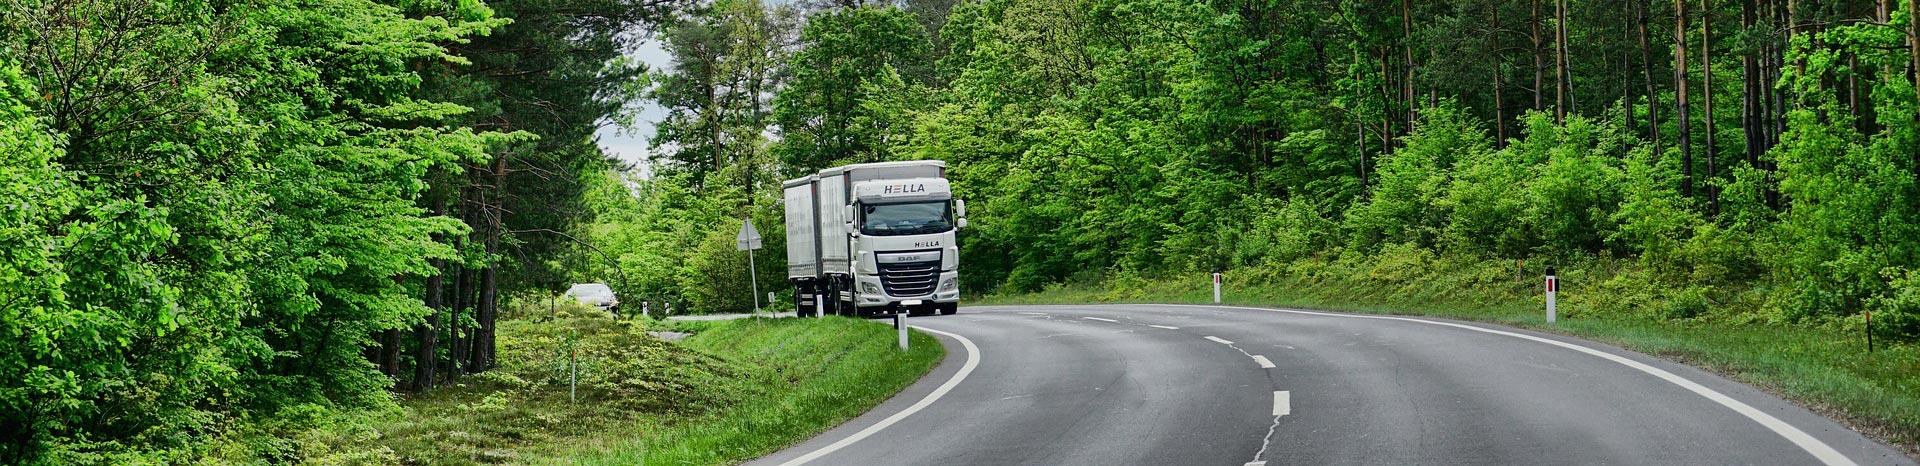 Terugdringen ongevallen vrachtwagens door technologie | LetselPro